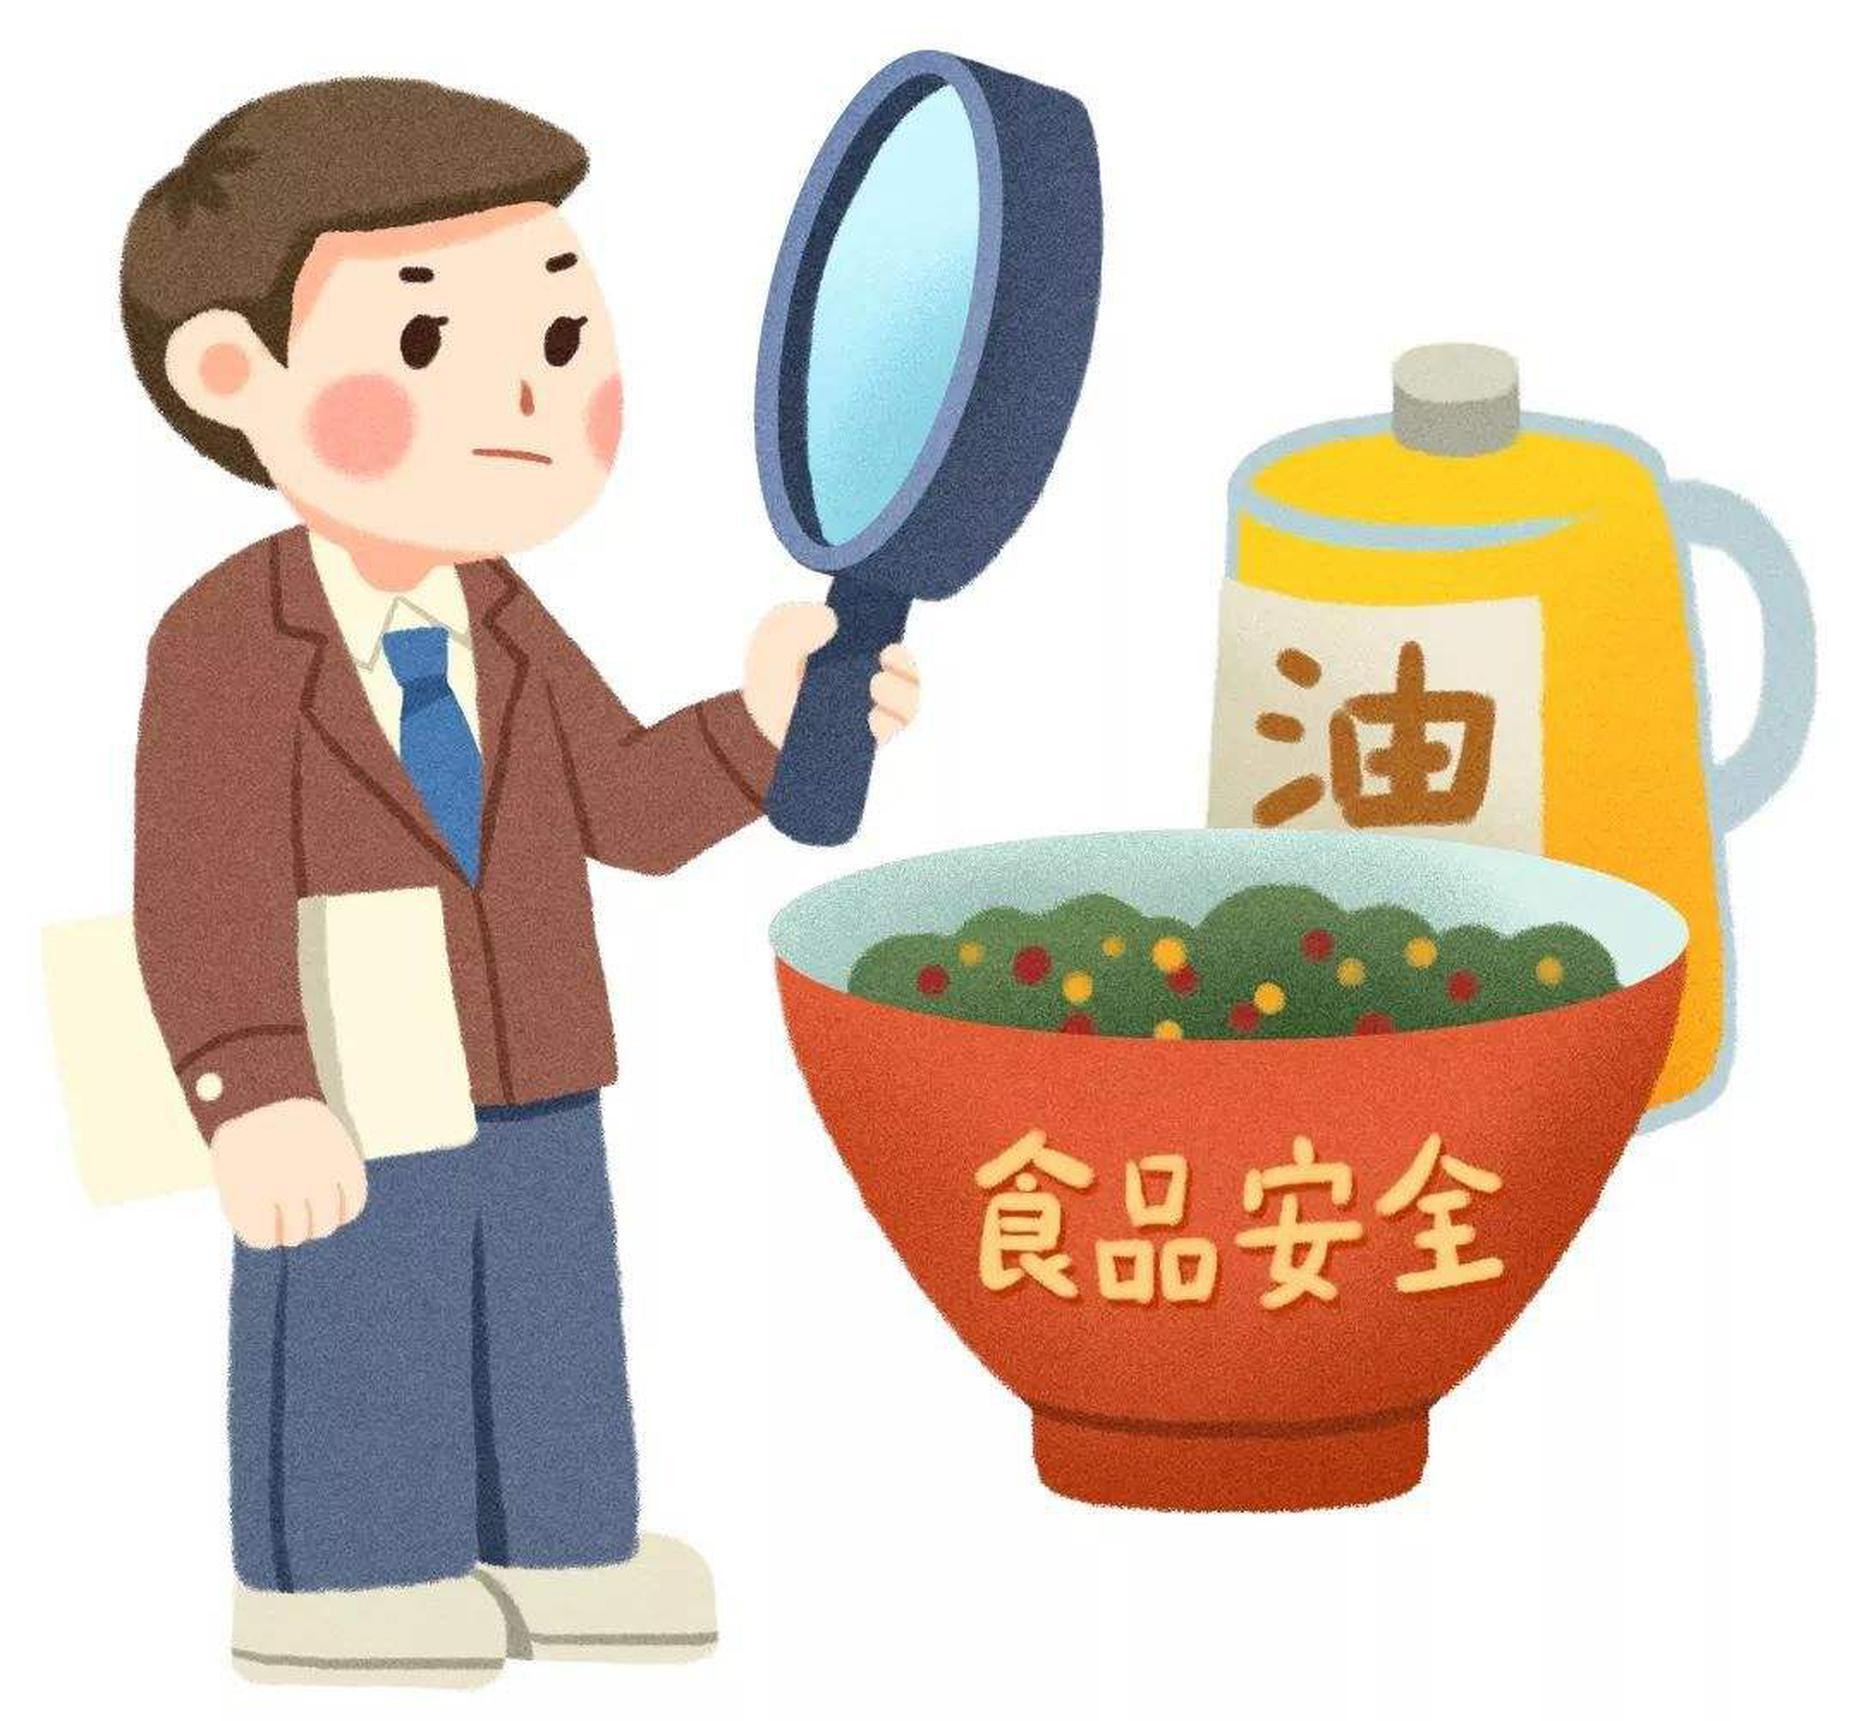 山西省市场监管局即将开展食品安全整治百日行动